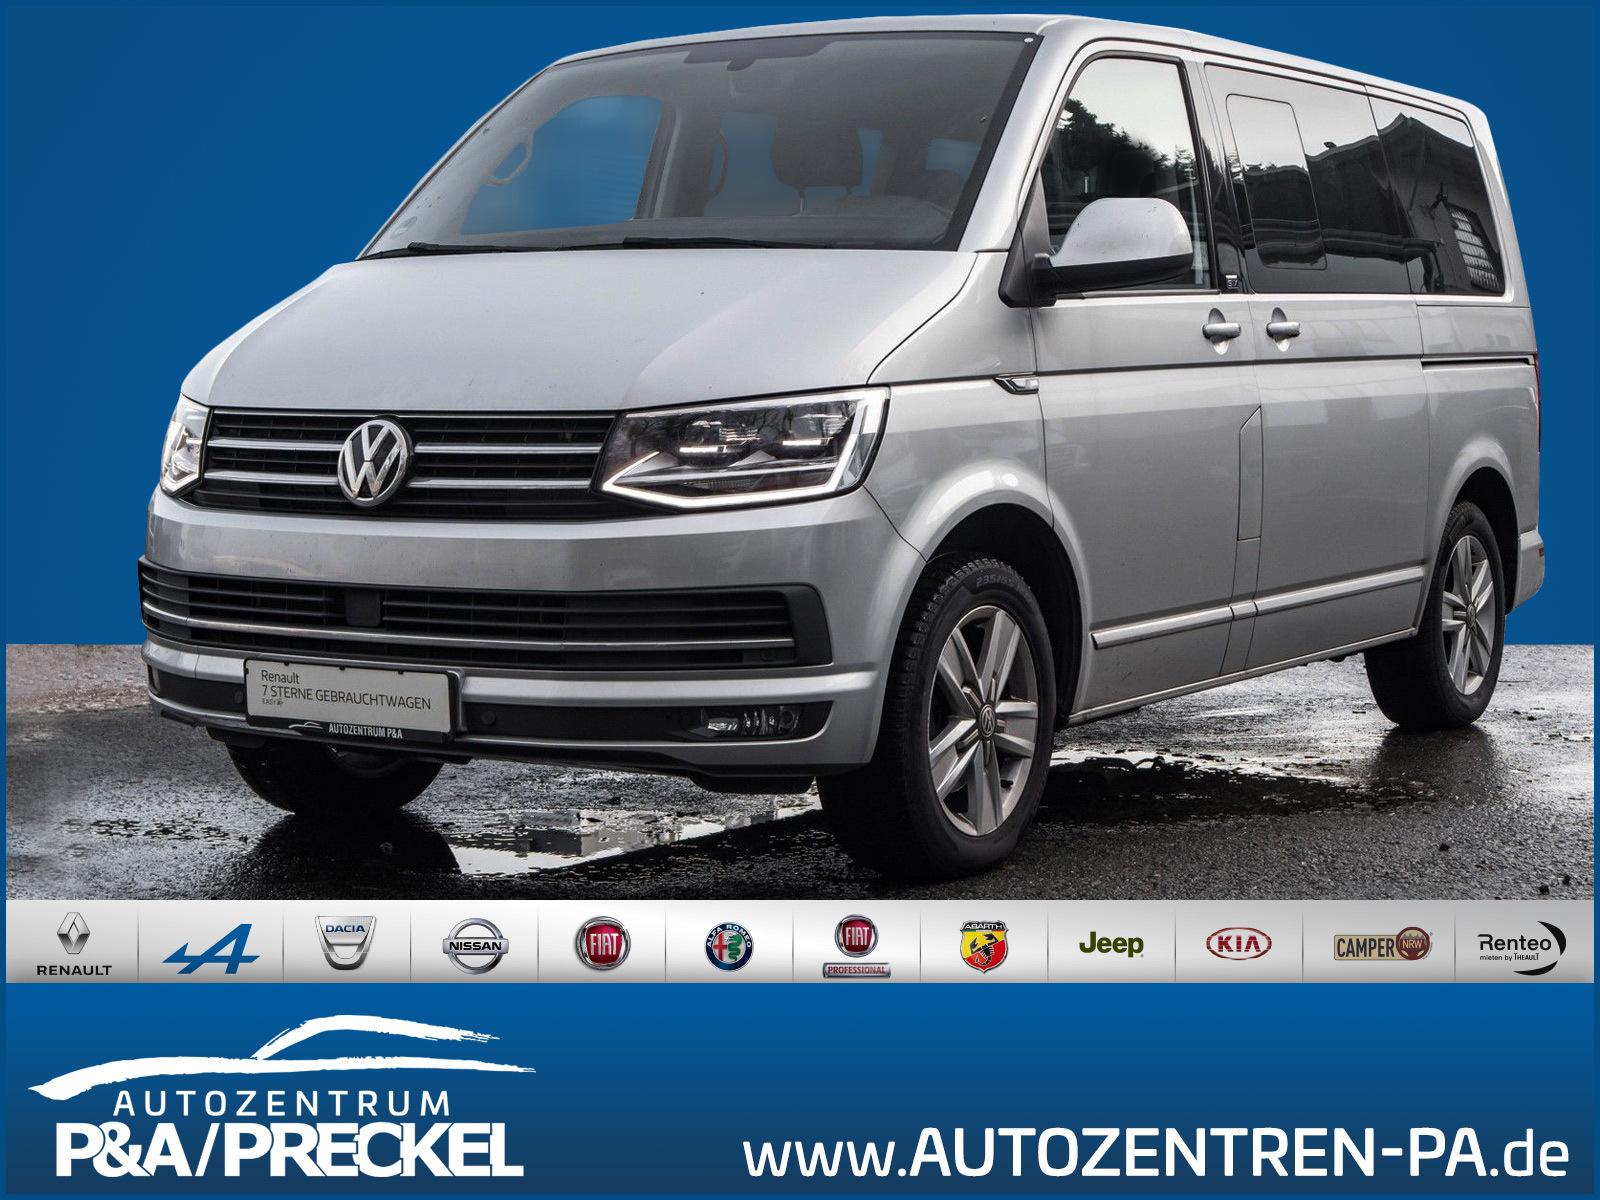 Volkswagen Multivan Kurz Generation Six / Navi/Standheizung, Jahr 2015, Diesel